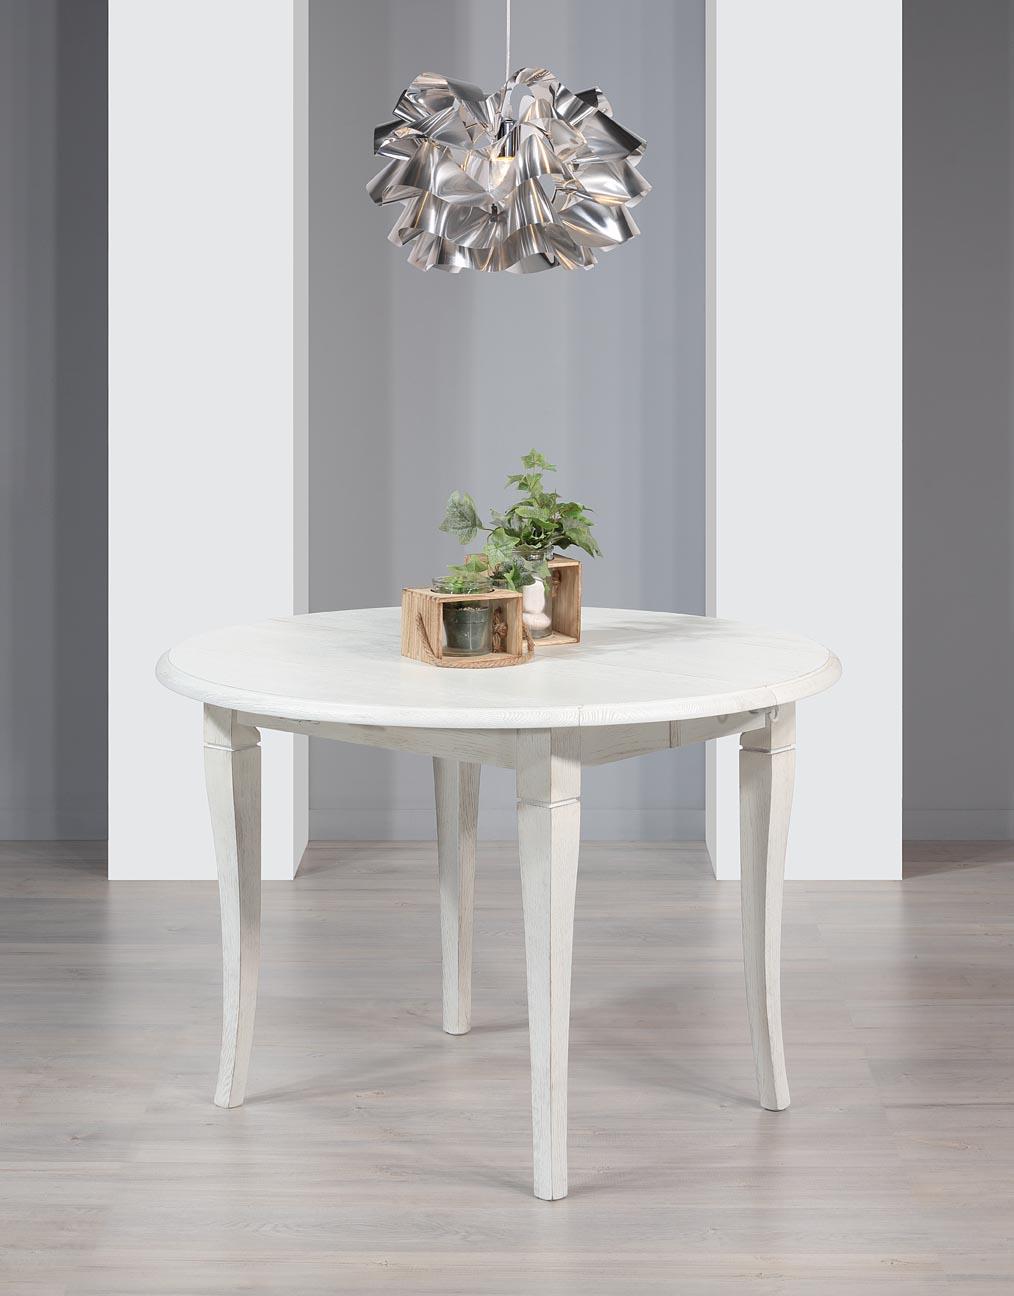 Table ronde à volets diamètre 120  en Chêne Massif 4 pieds sabres 2 allonges de 40 cm  Finition Chêne brossé Ivoire Patiné